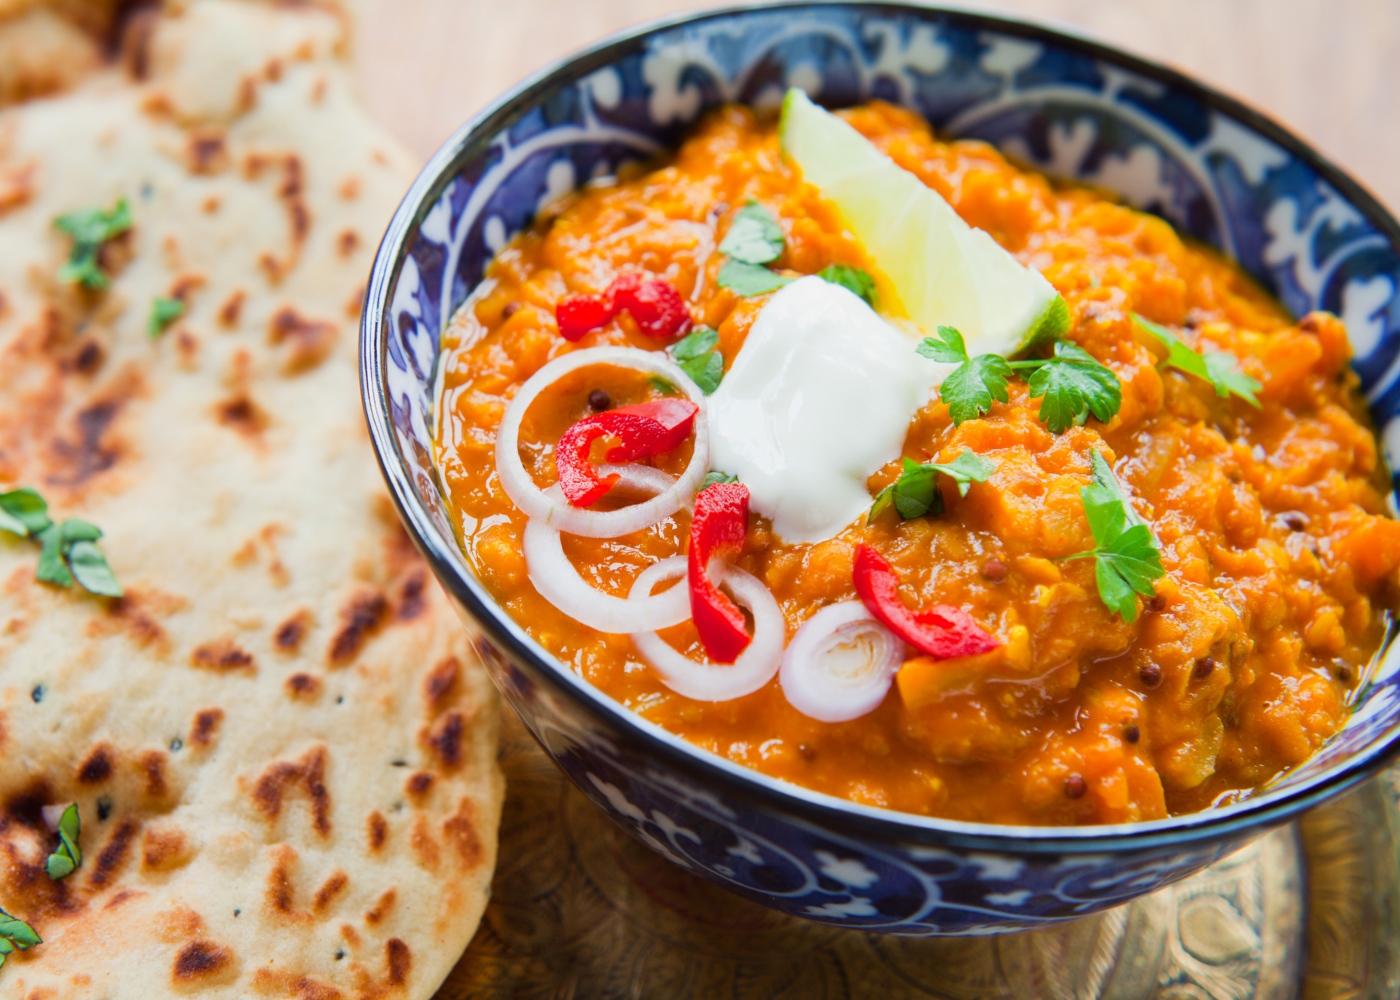 Taça com caril de lentilhas